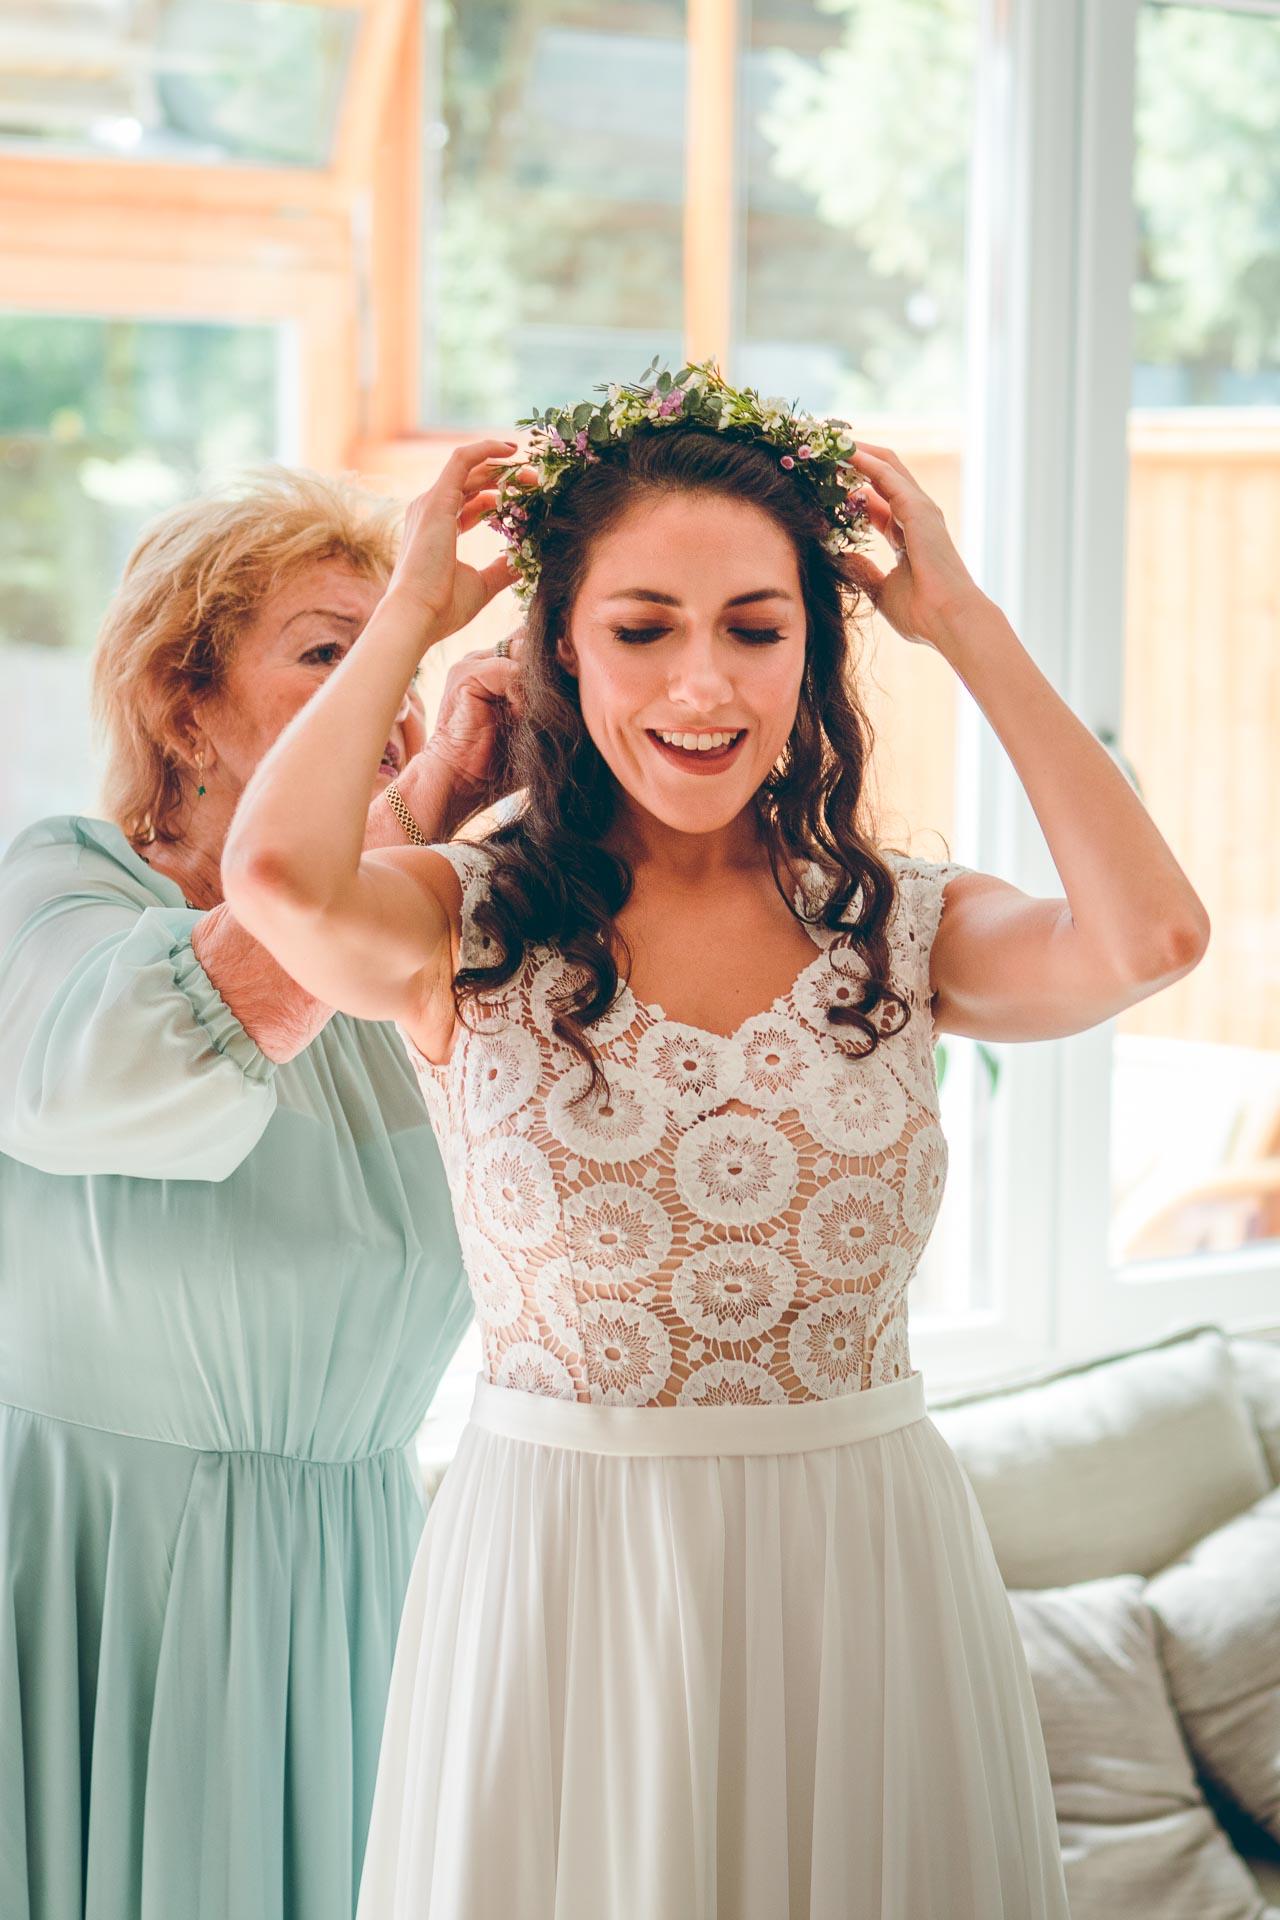 Braut beim Getting Ready für Hochzeit im bayrischen Ohlstadt Blueland